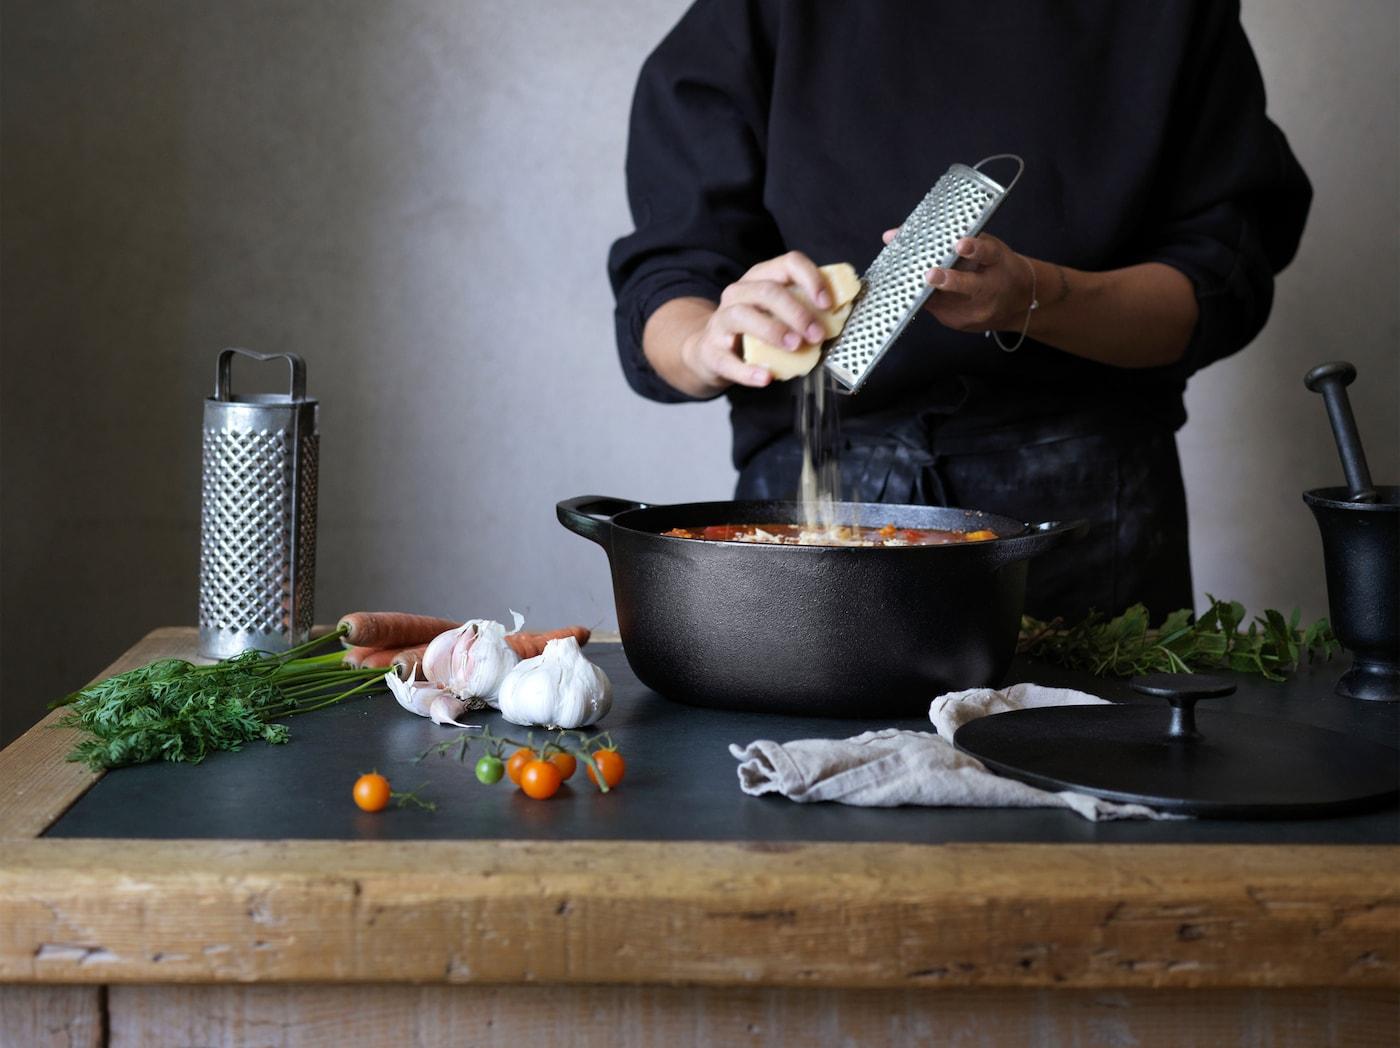 امرأة تبشر الجبن على قدر VARDAGEN أسود بينما تقوم بتحضير الحساء.